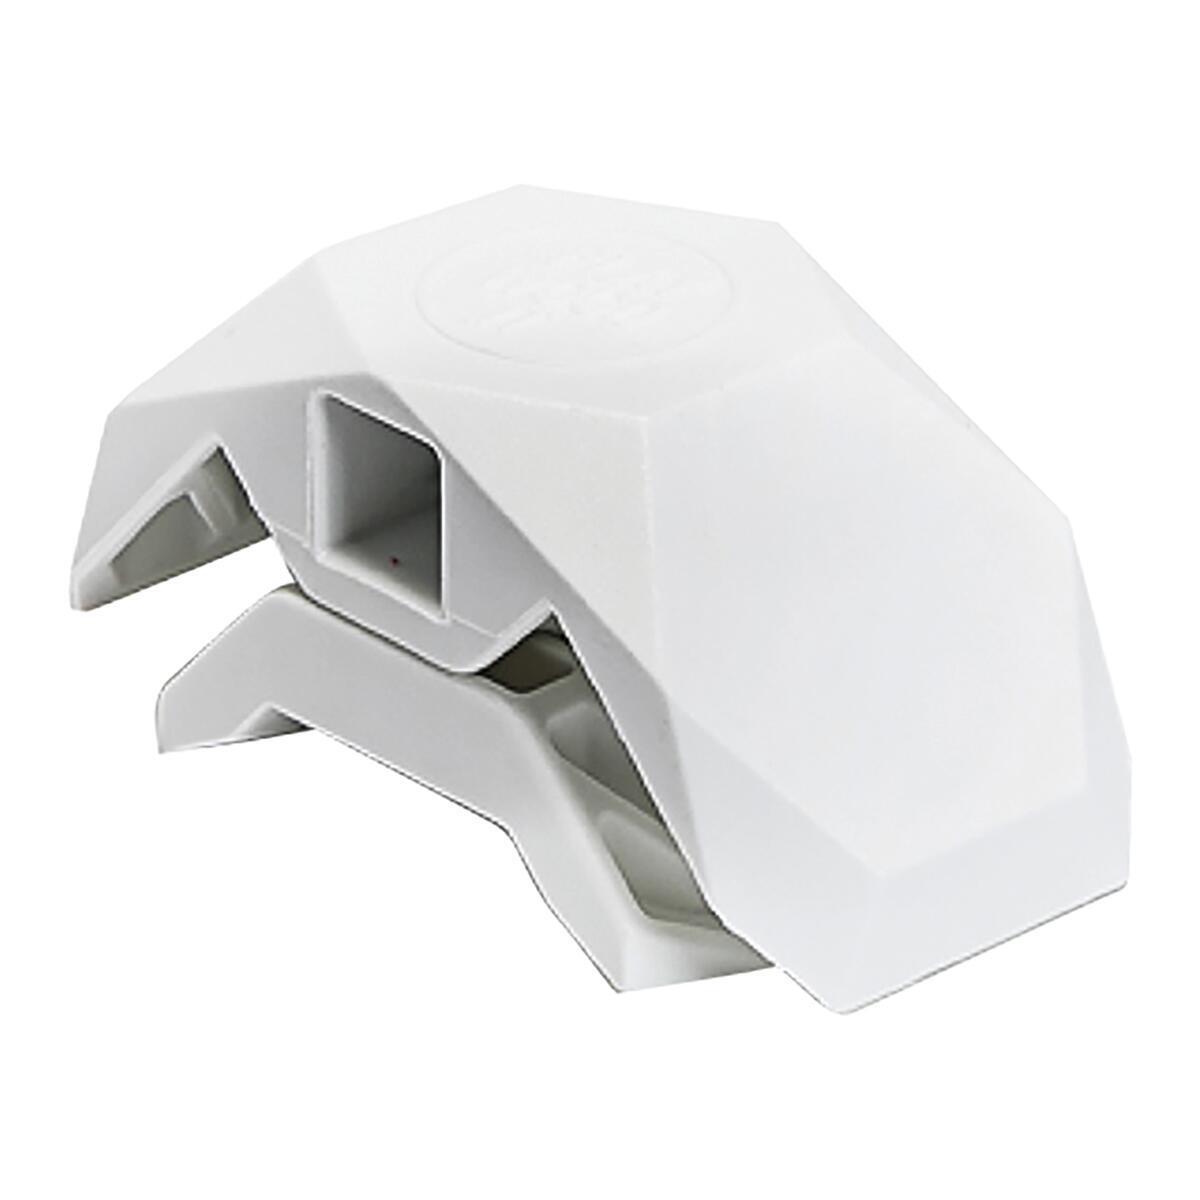 Sistema di assemblaggio PLAYWOOD 90° in pvc , bianco - 6